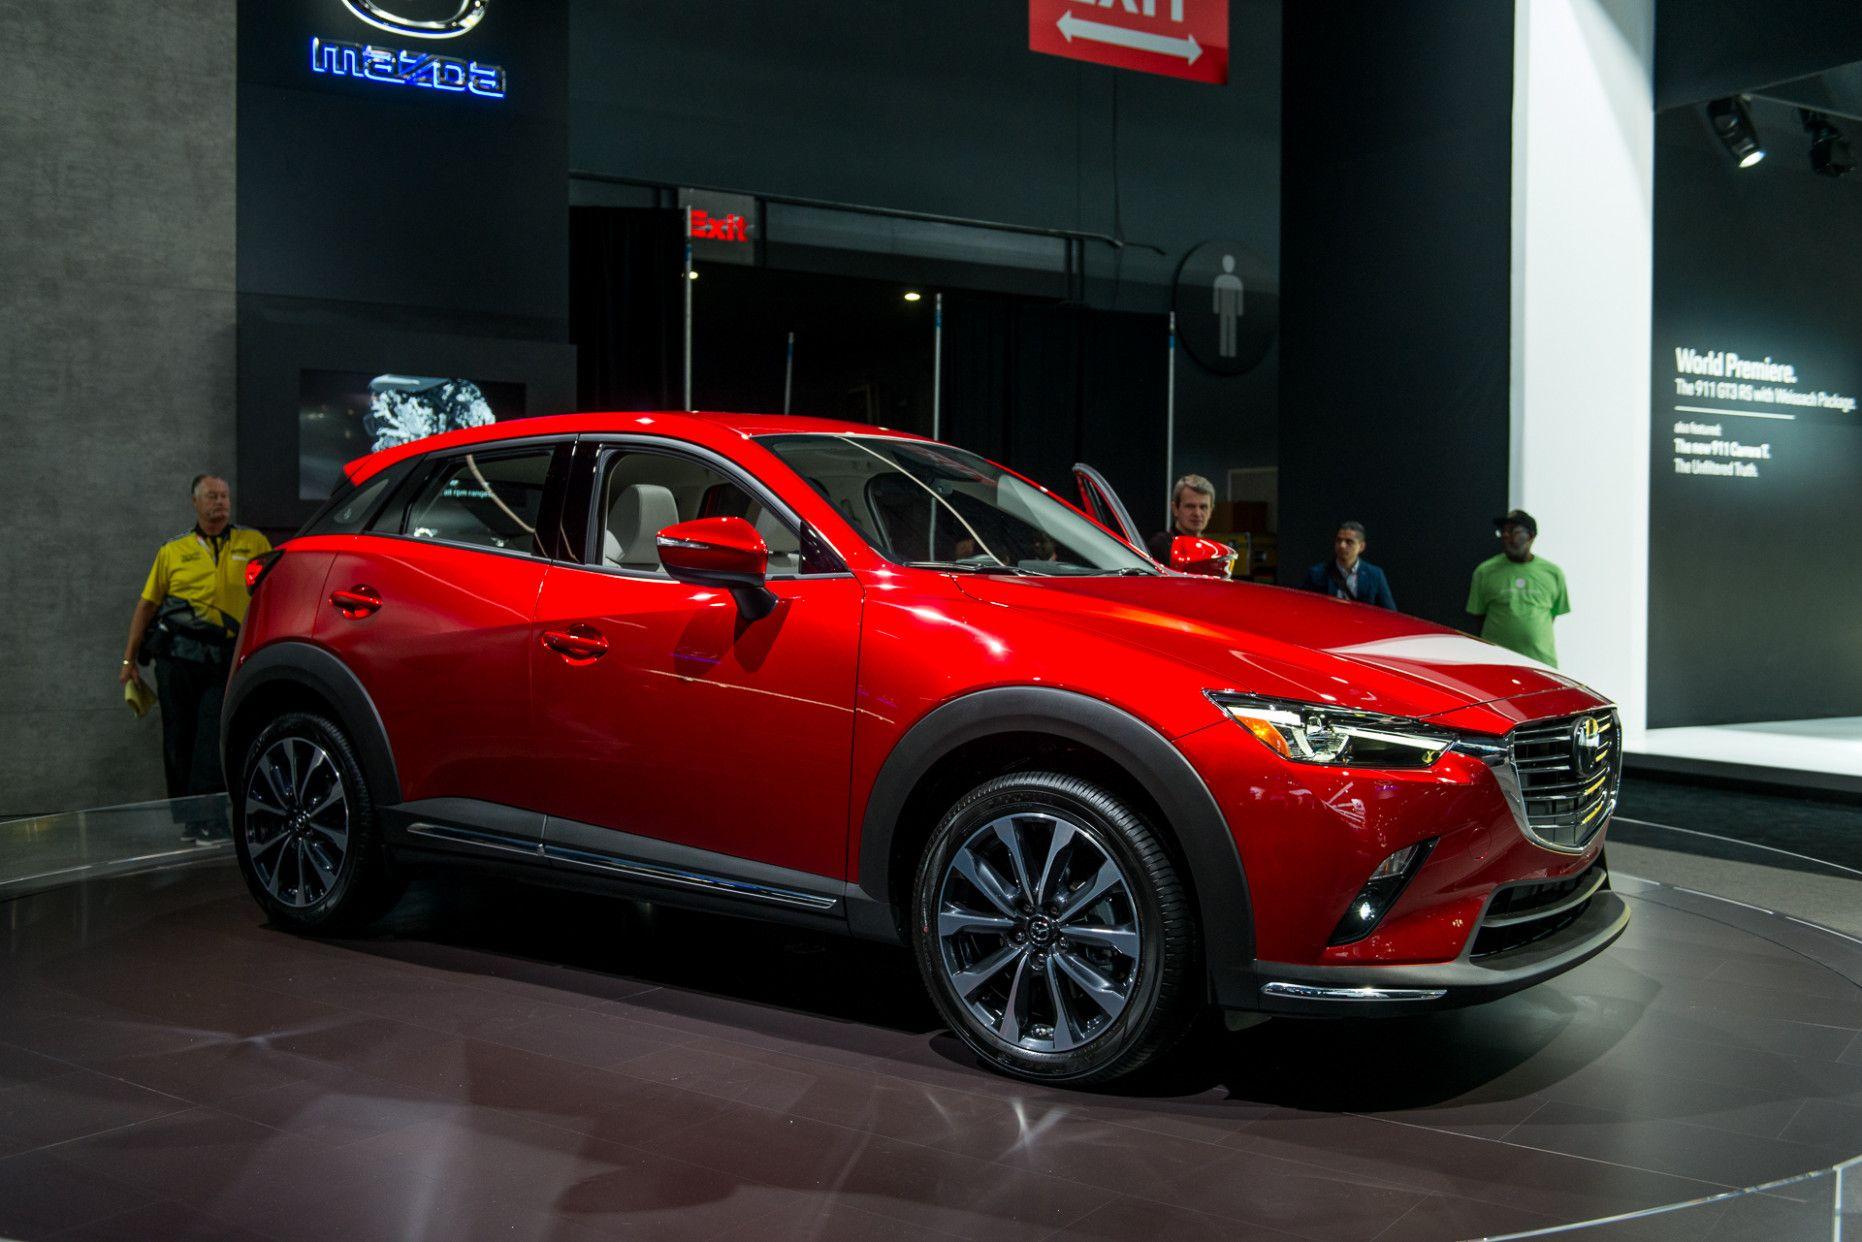 Mazda Cx 3 2020 Release Date And Concept Mazda Mazda Cx3 Crossover Suv